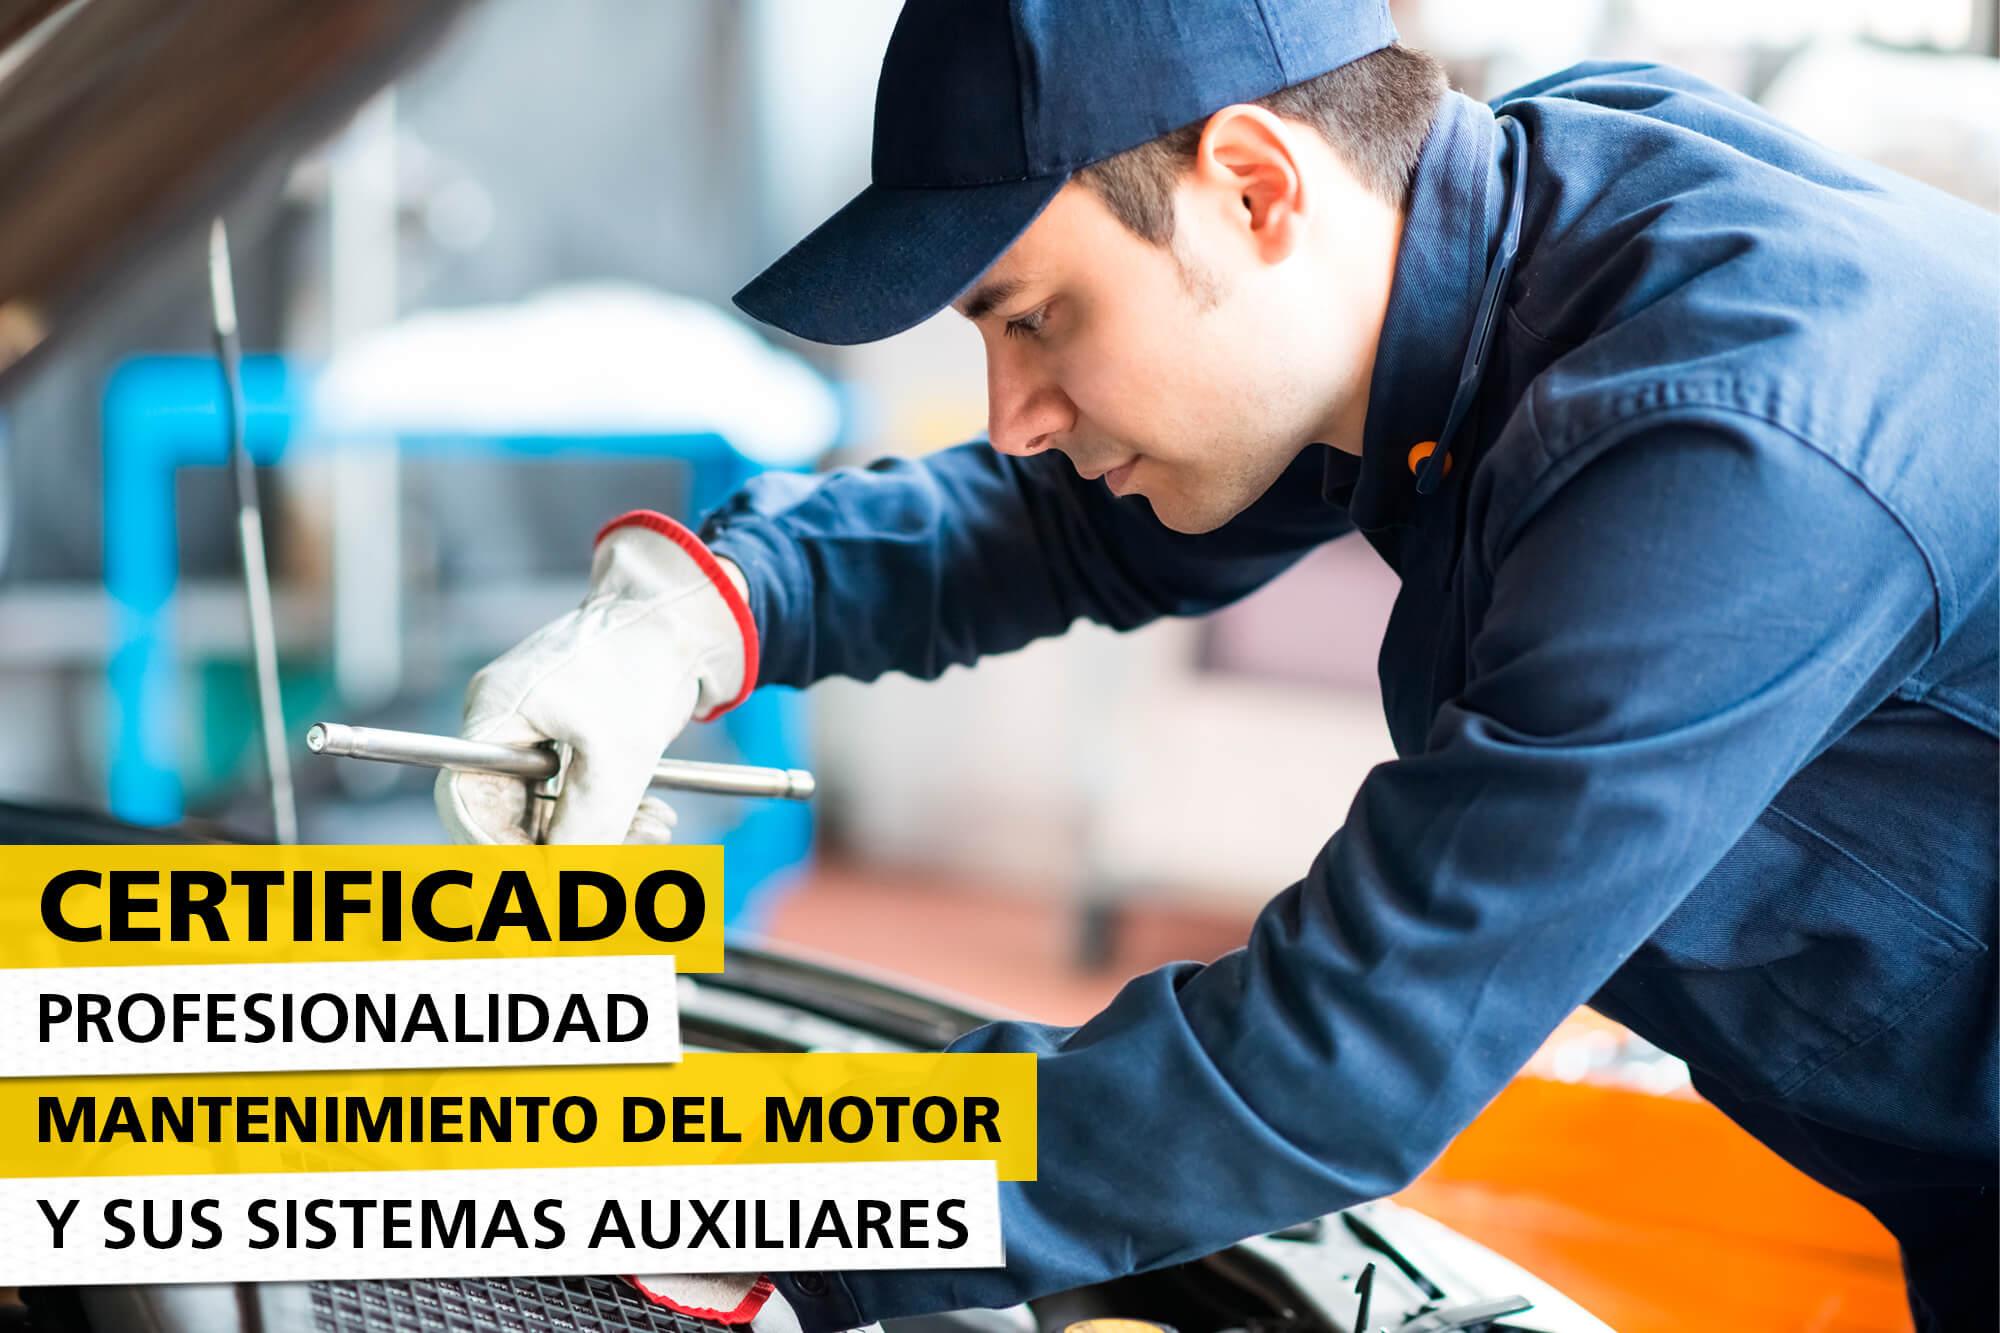 certificado-profesionalidad-mantenimiento-motor-sistemas-auxiliares-img-destacada